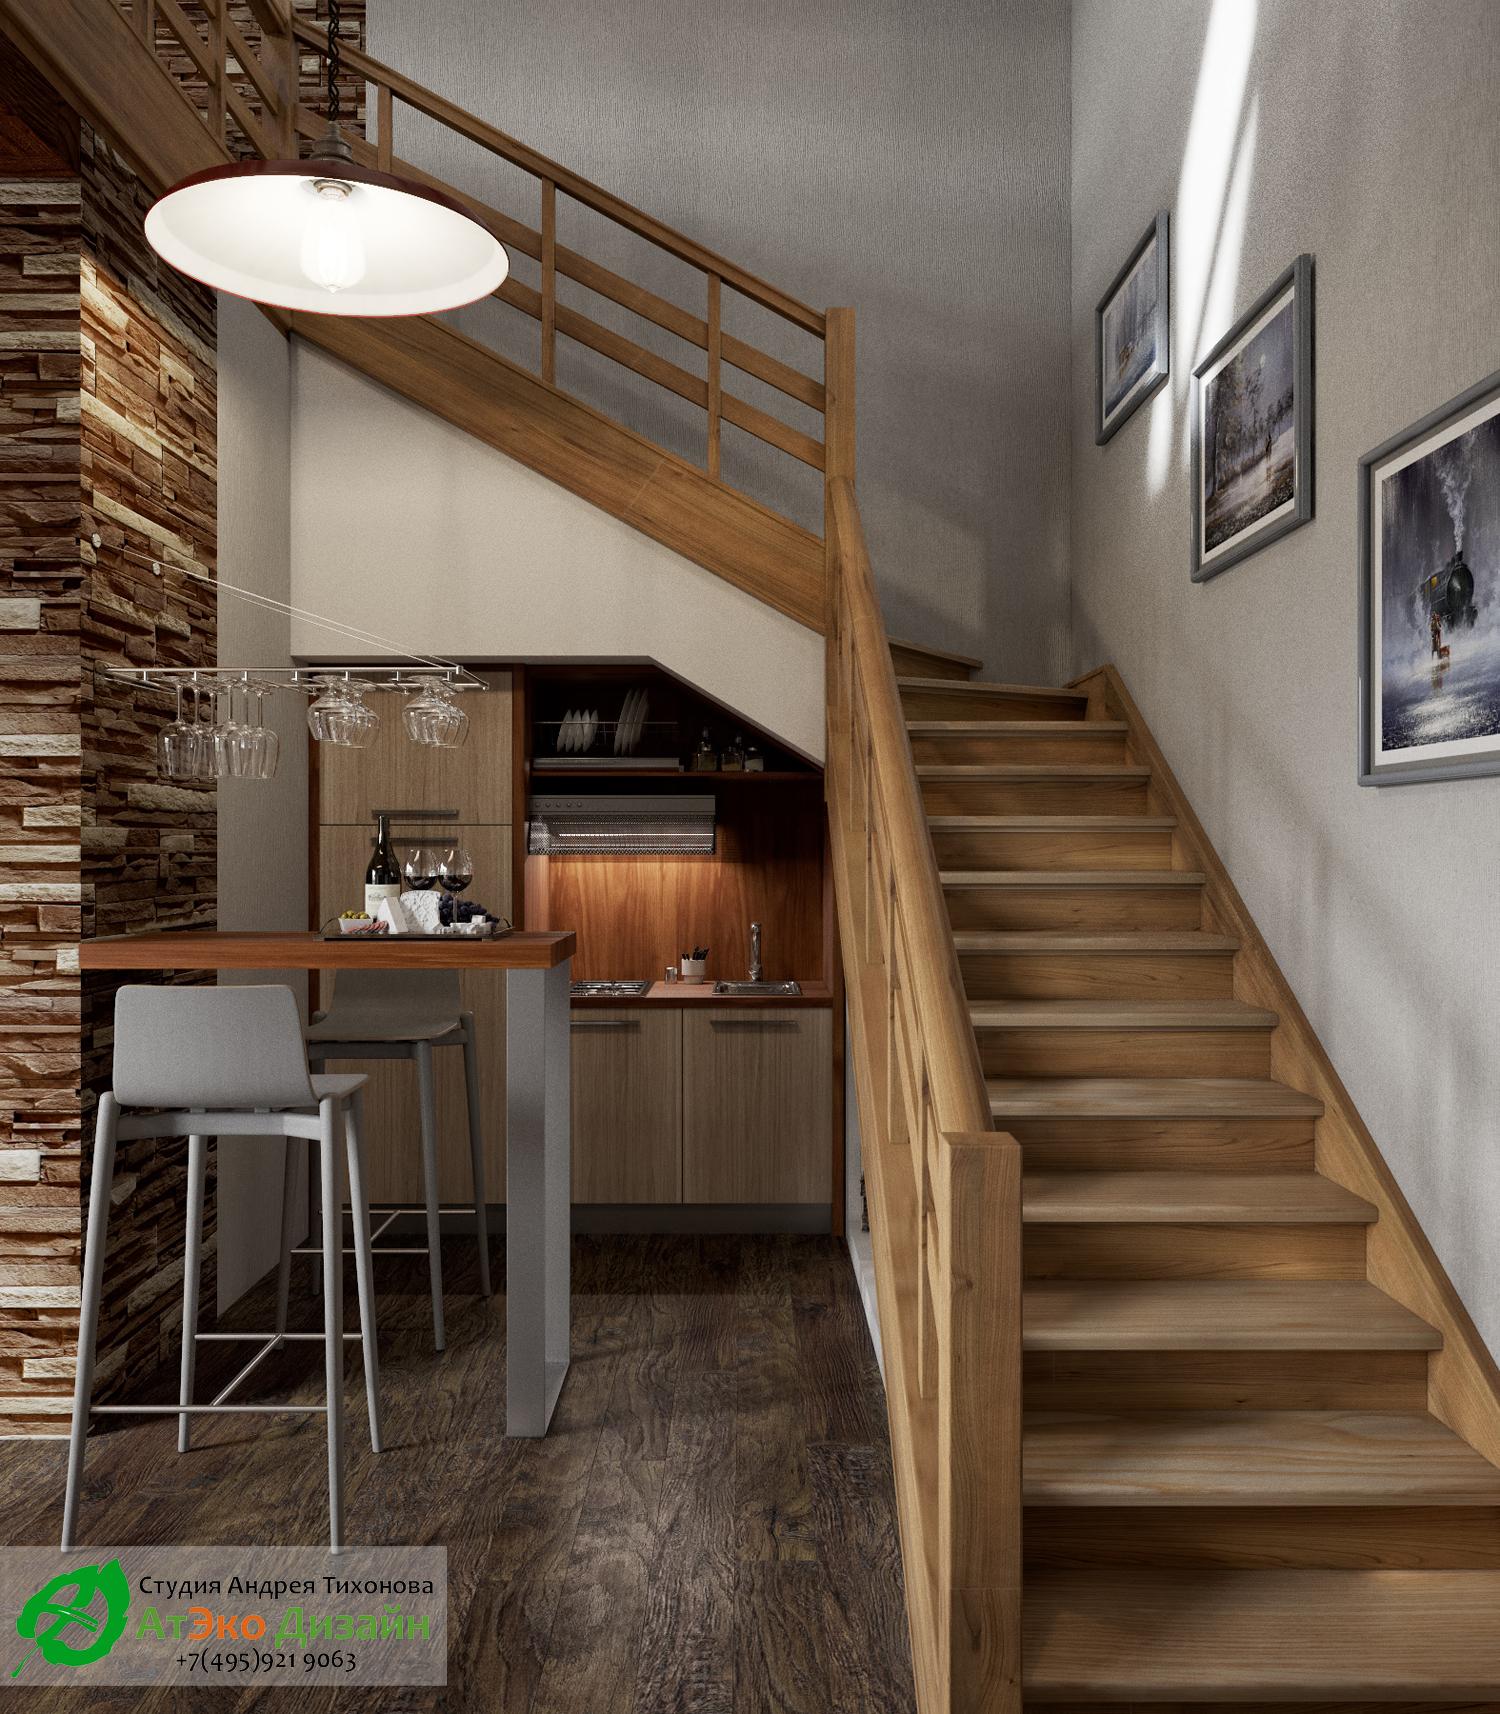 Фото дизайна лестницы на второй этаж гостевого дома